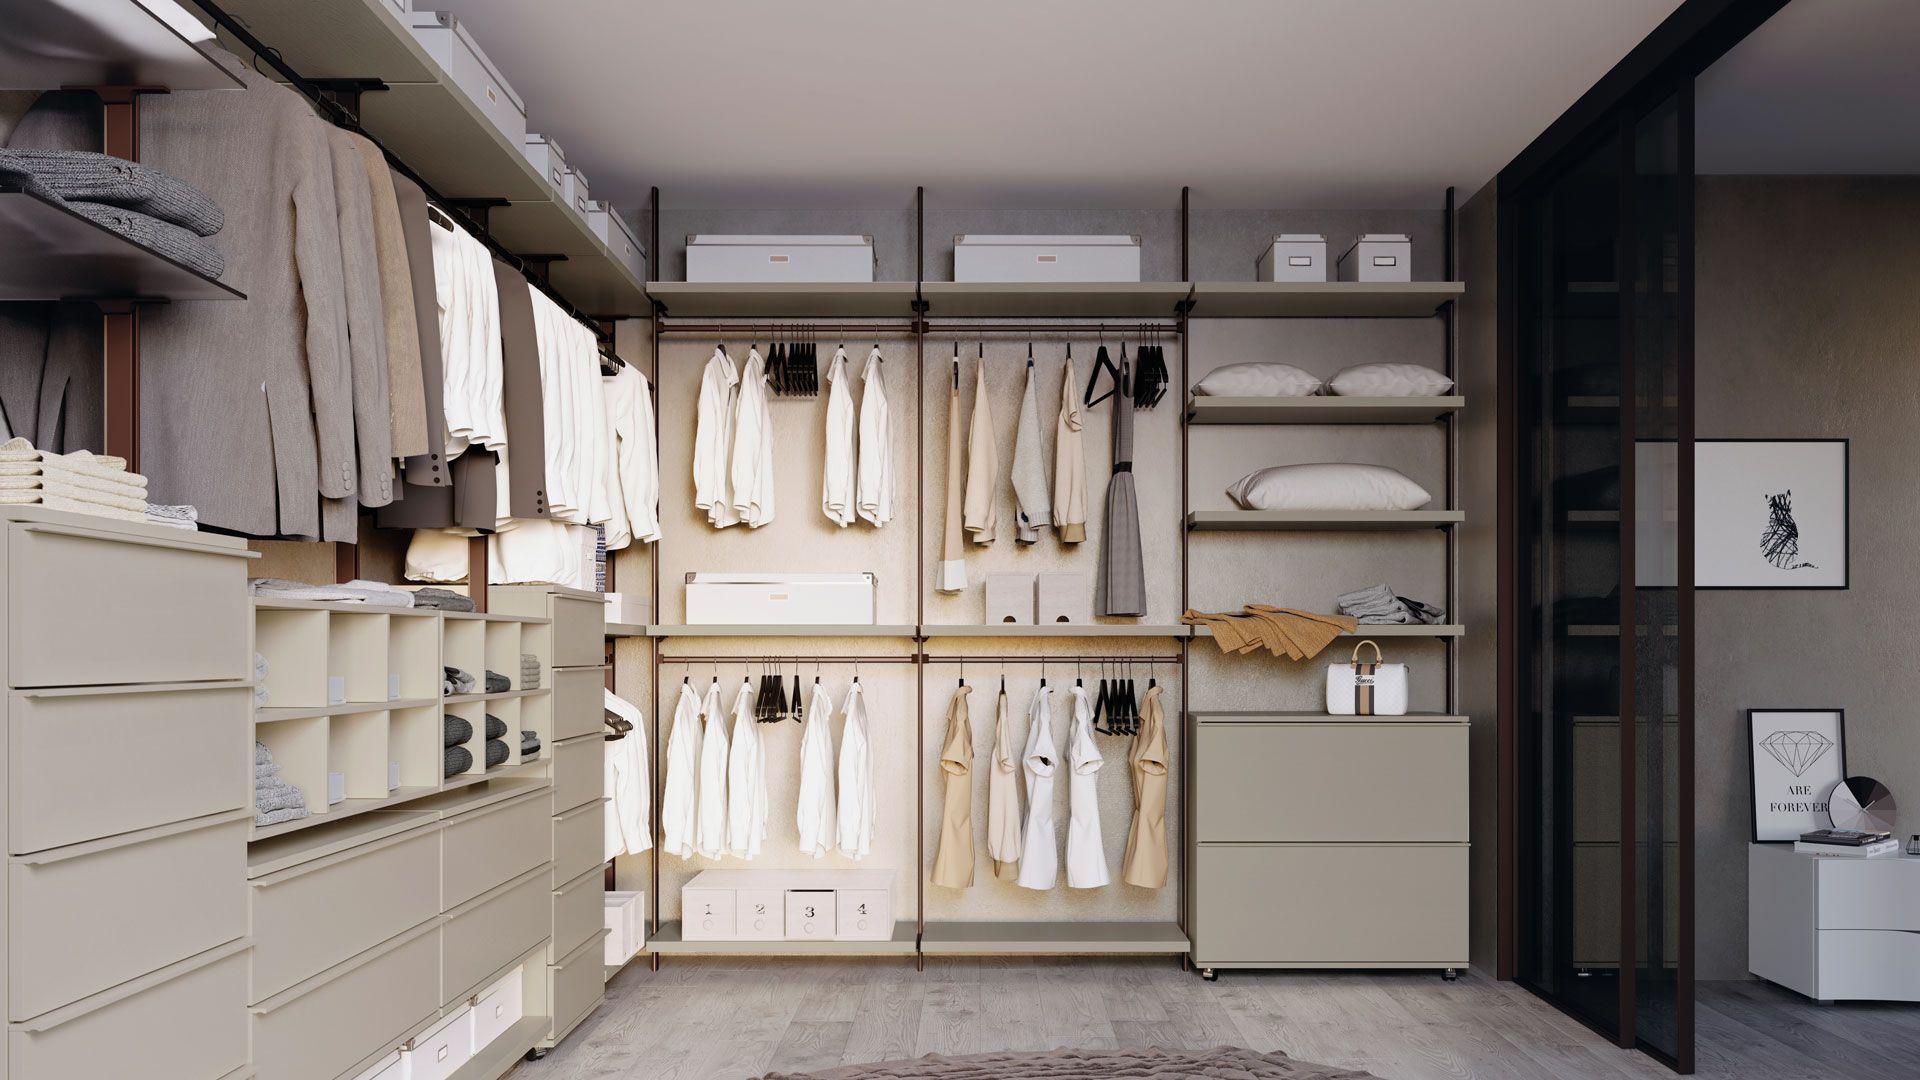 Come Organizzare La Cabina Armadio idee per la cabina armadio come organizzare una cabina